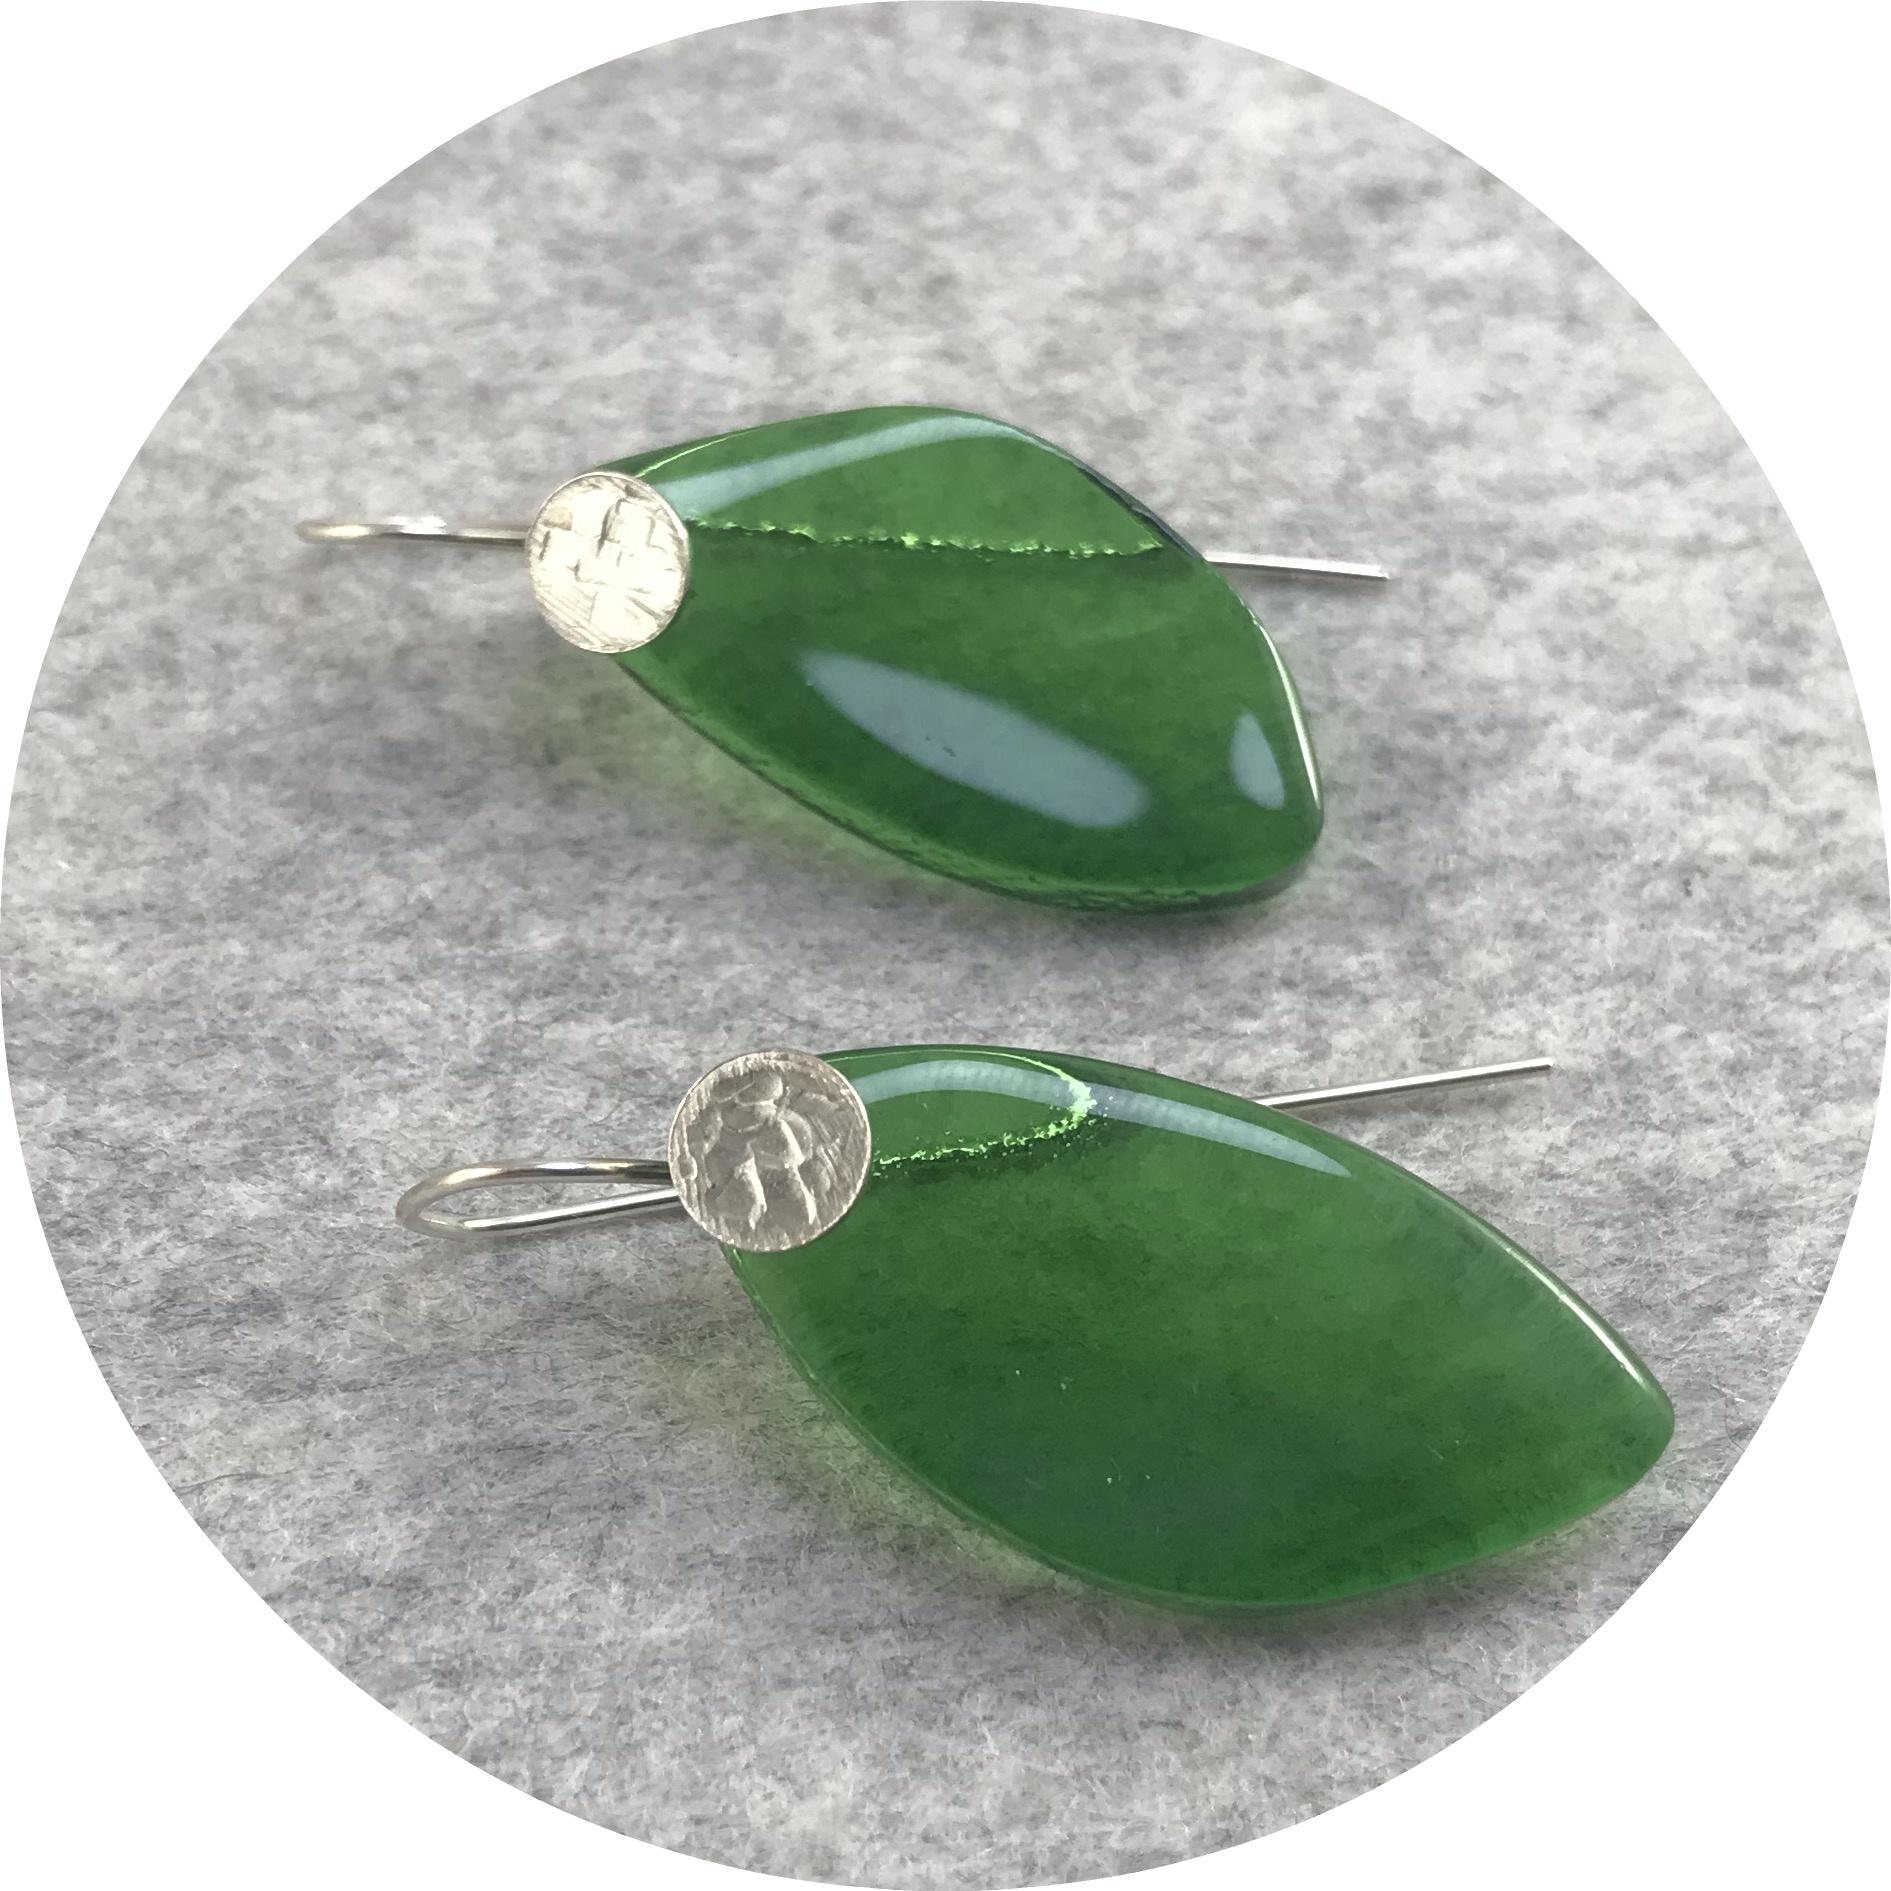 Alight Glass - 'Bottle Green Leaf Earrings', glass, 925 silver